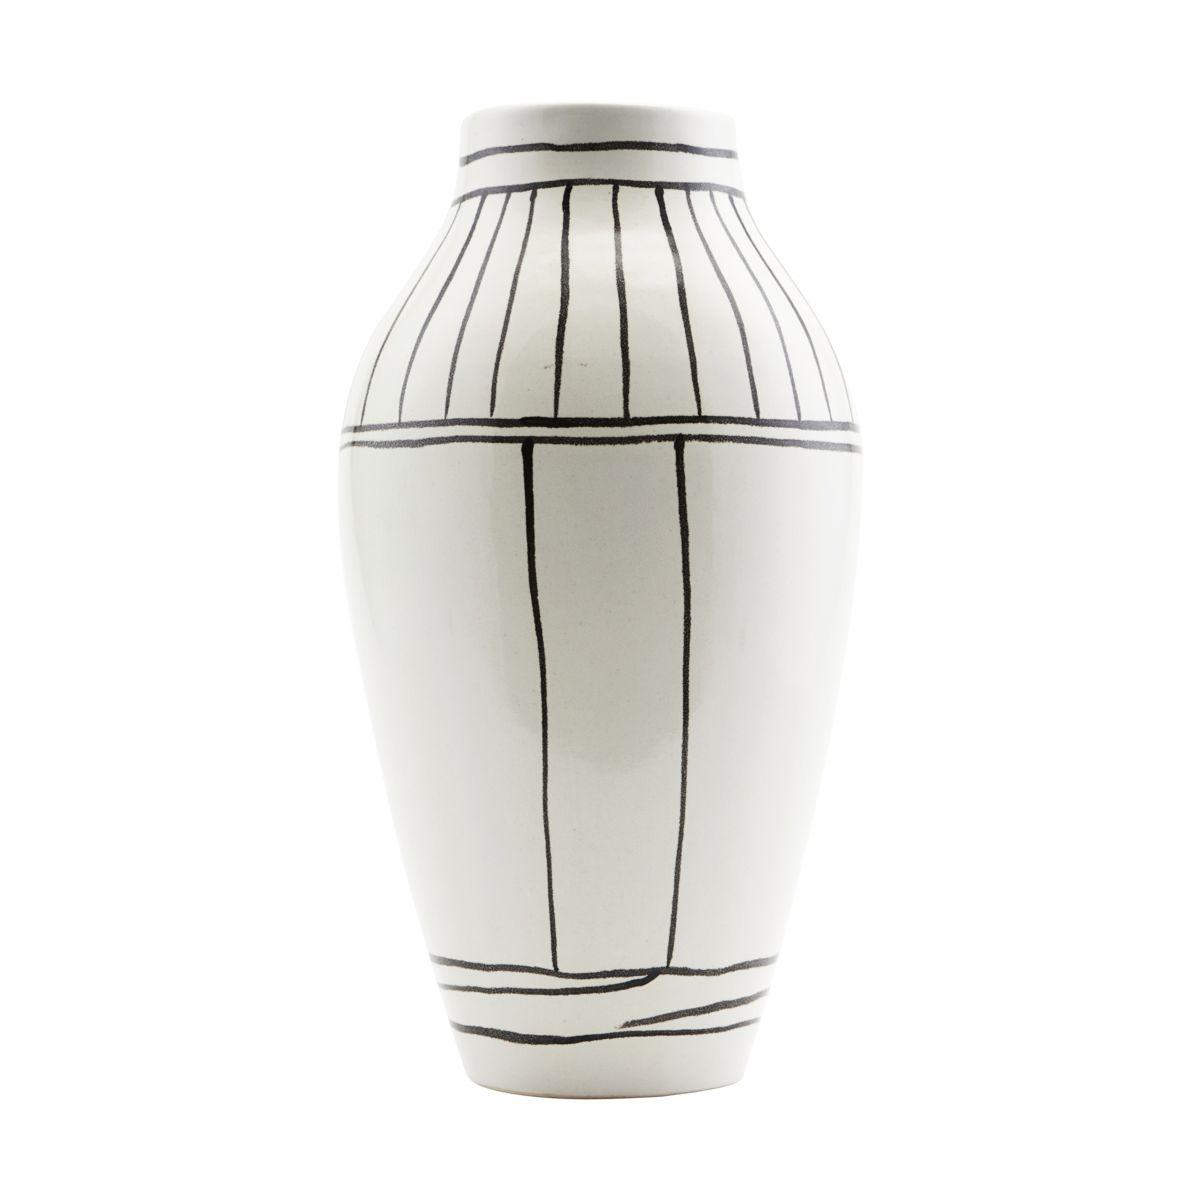 Image of   House Doctor Vase, Outline, Hvid, dia: 14 cm, h: 26 cm